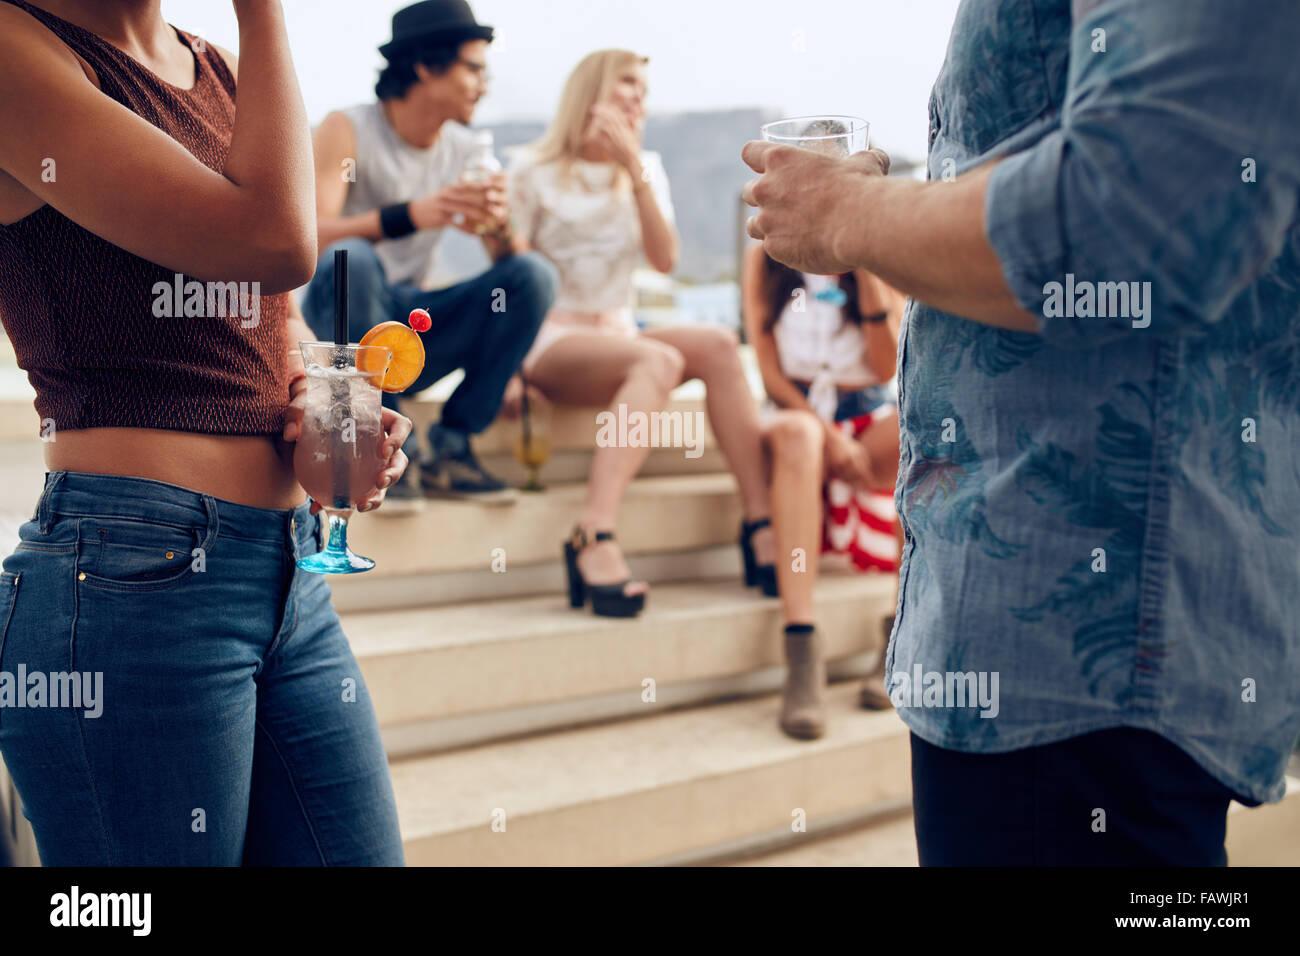 Recorta la foto de un par la celebración de cócteles copas mientras tres personas hablando los unos a Imagen De Stock